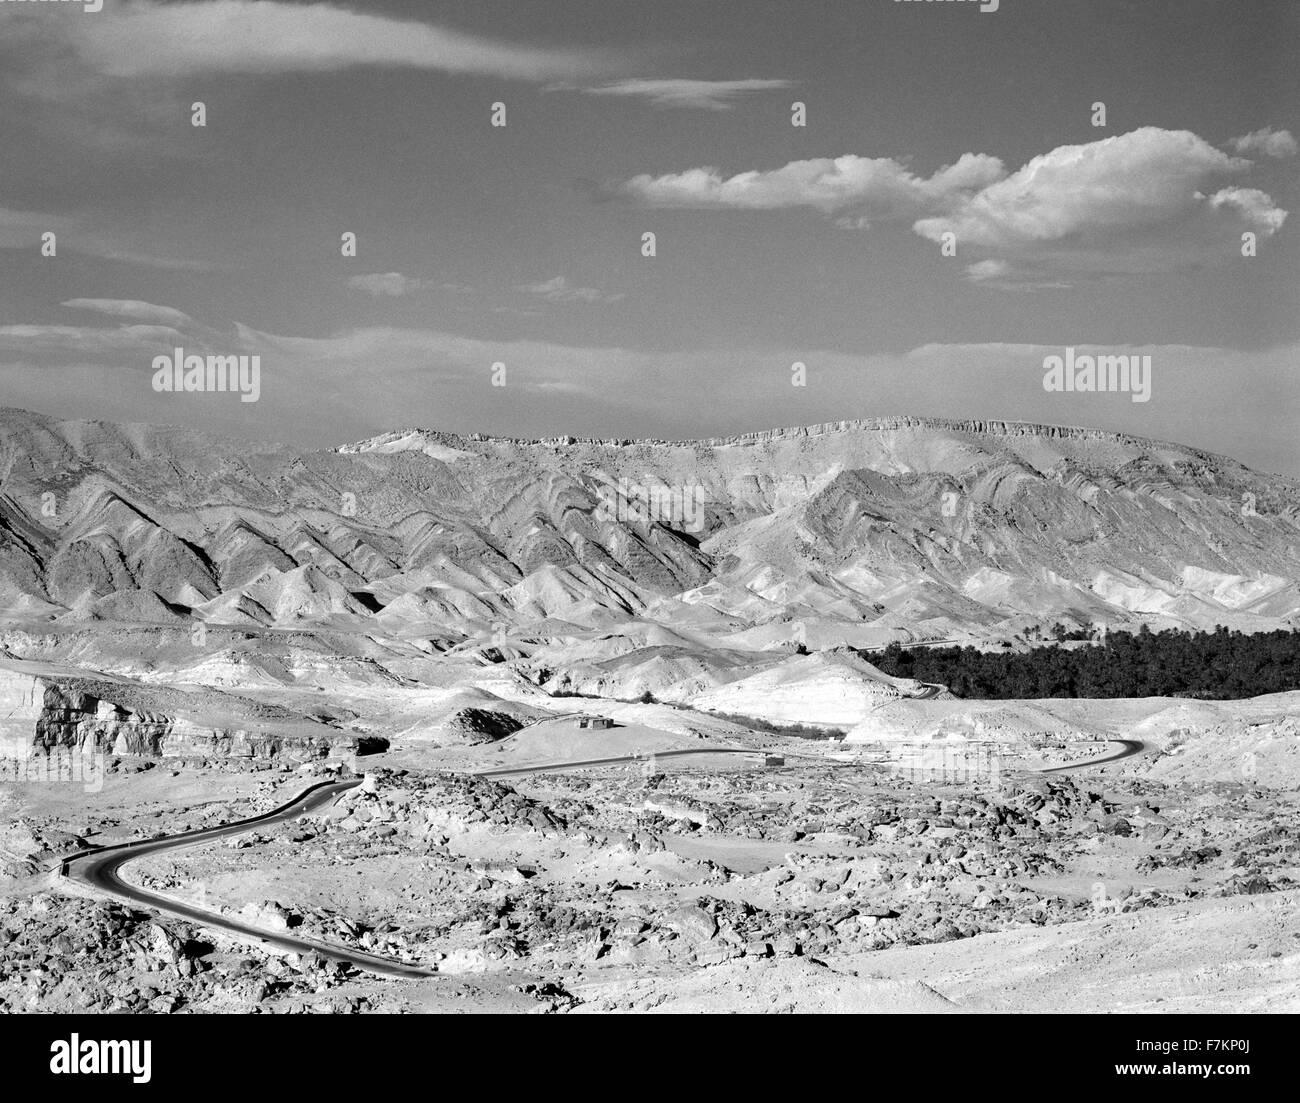 Une Palmeraie remplit le paysage dans la région de Gafsa dans le sud de la Tunisie près de Chitri. La Tunisie. L'Afrique du Nord. Banque D'Images